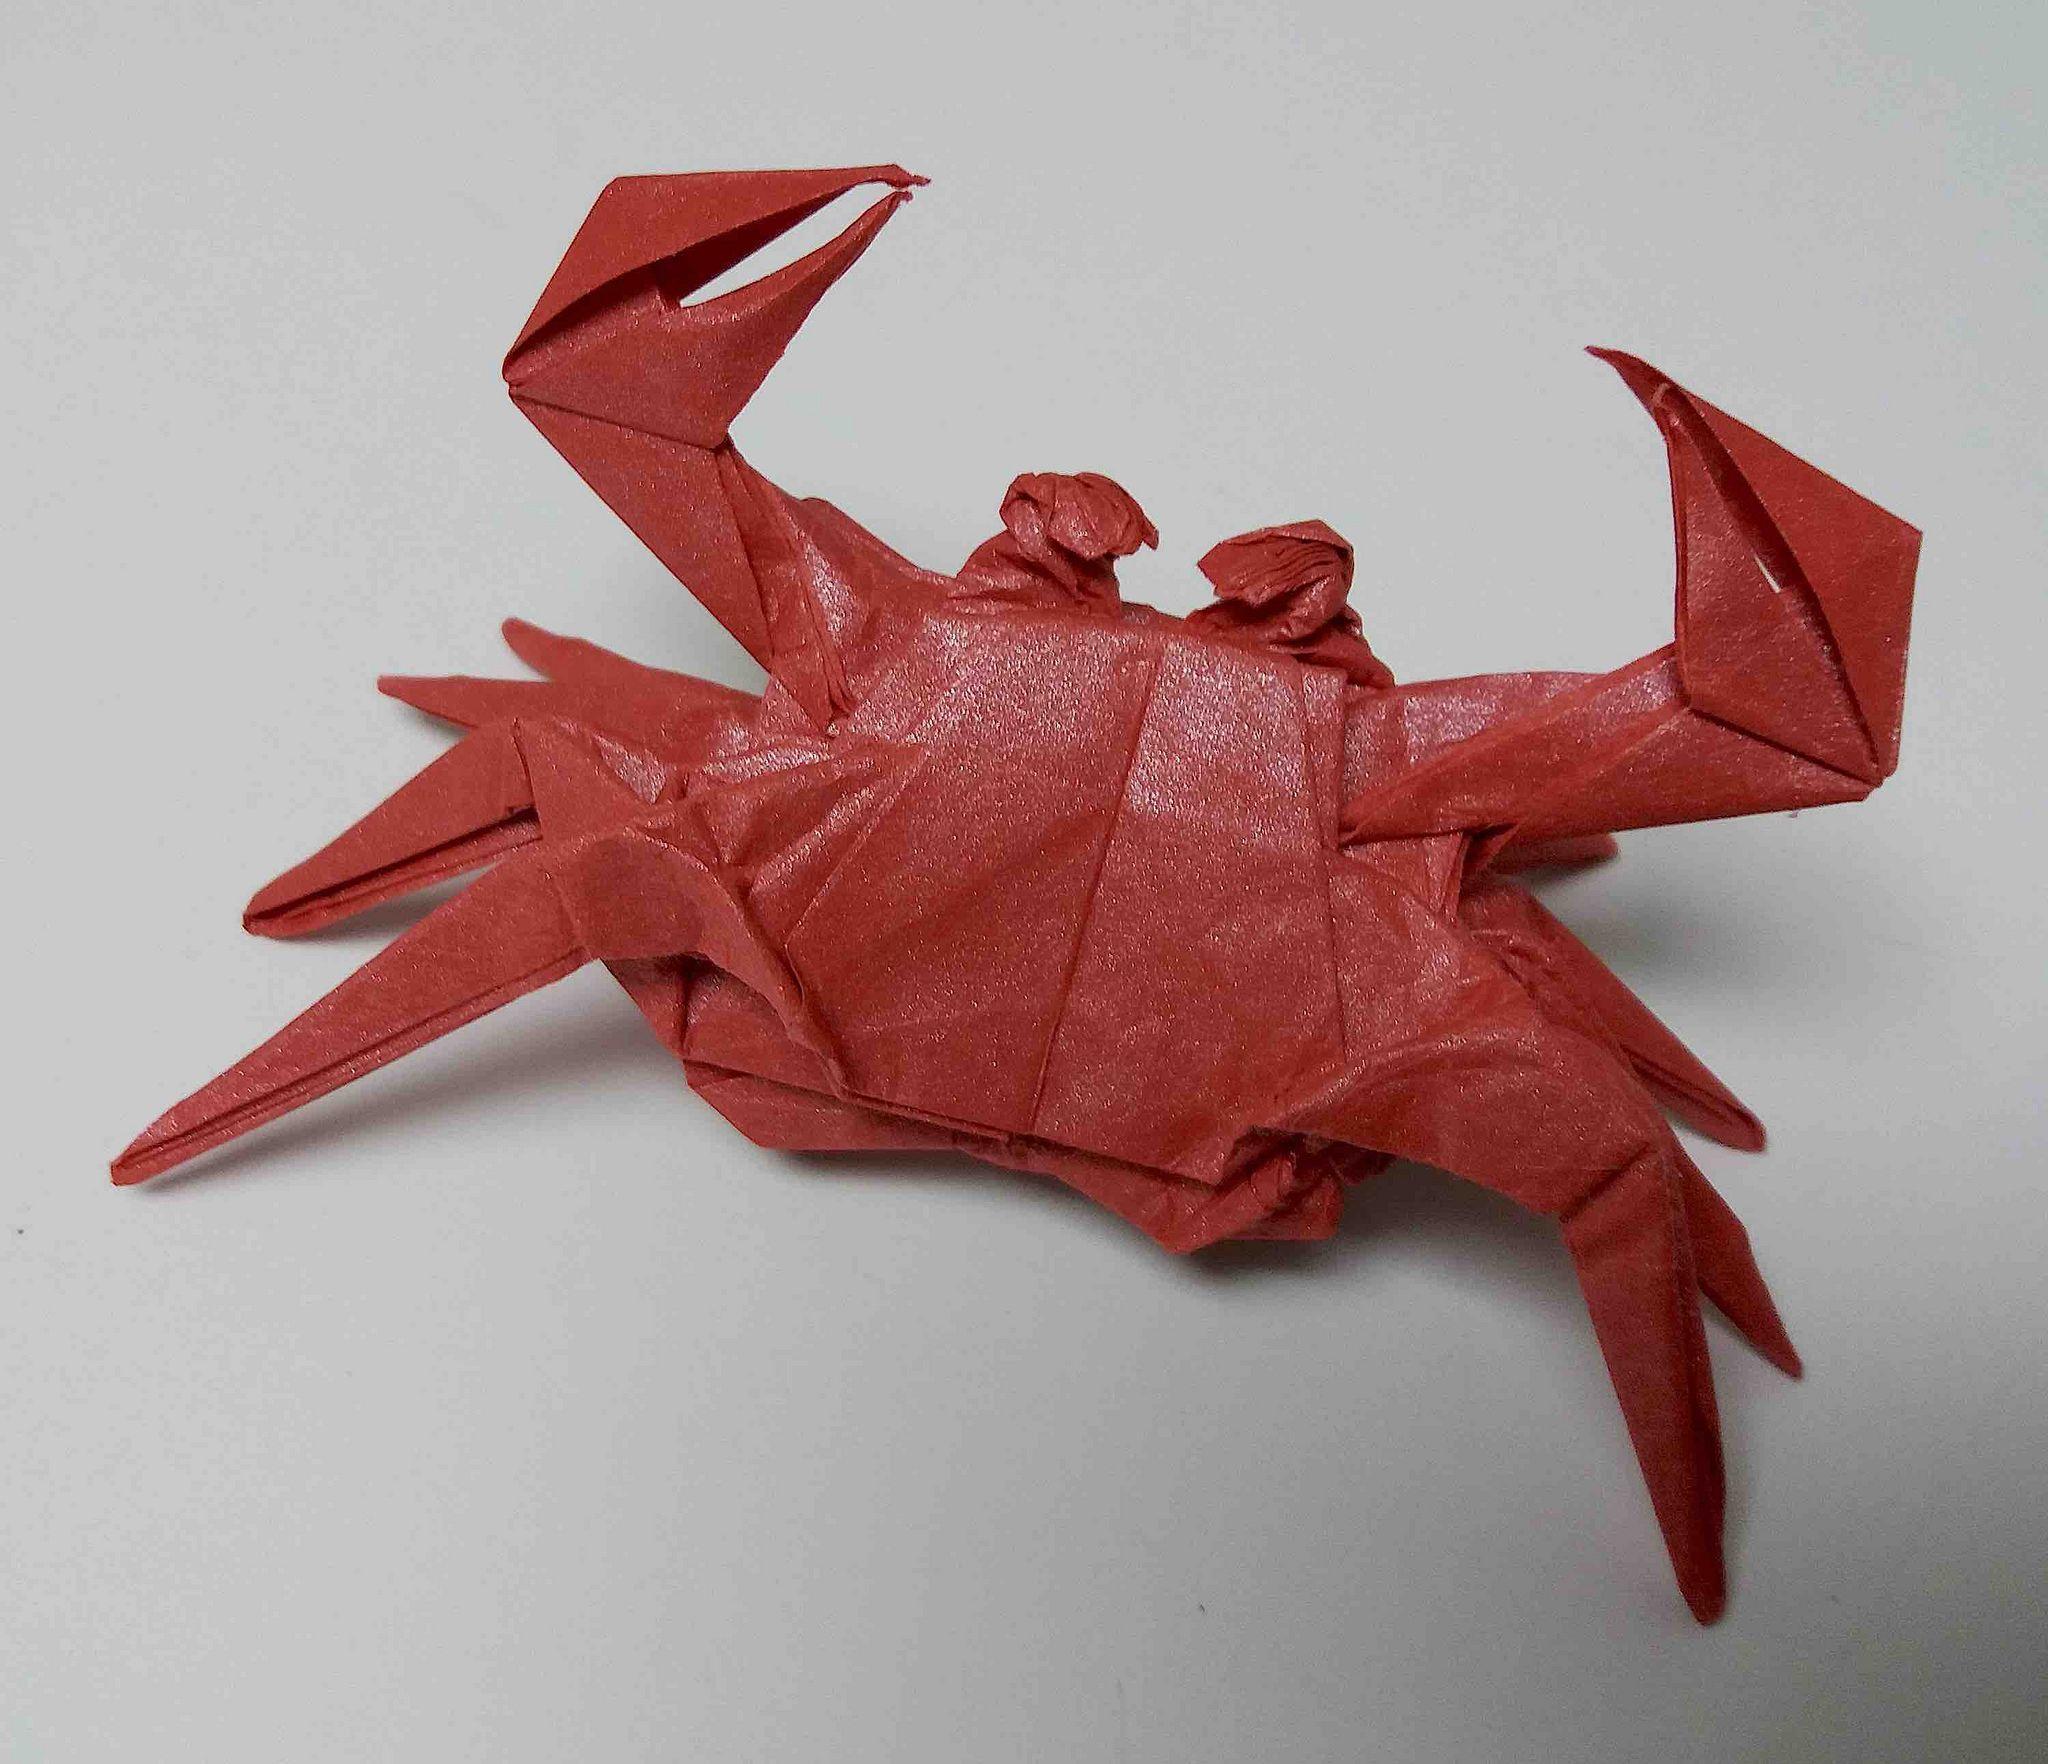 Hisao Fukui Crab Origami Diy Origami Paper Art